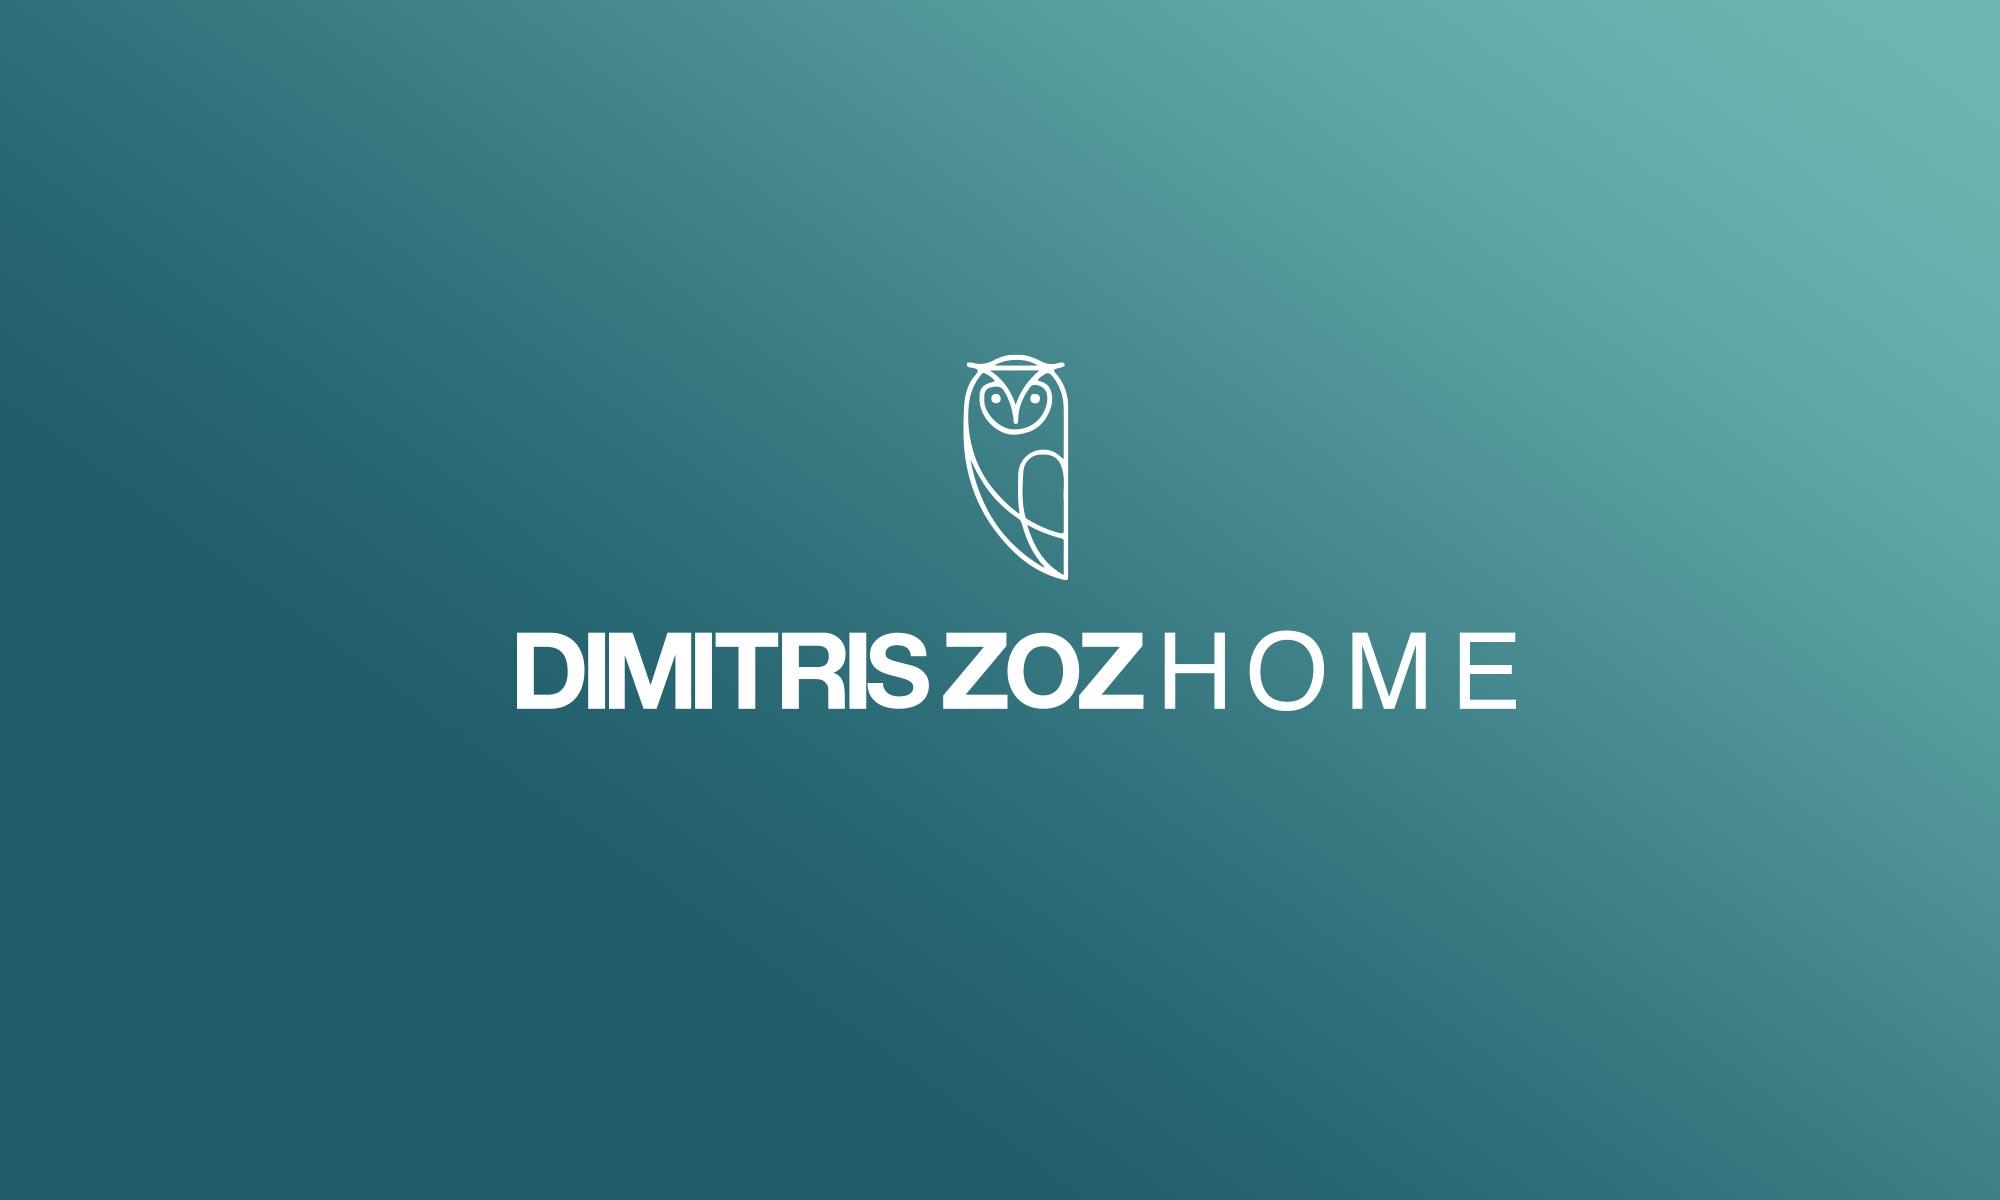 https://www.atelierzoz.com/wp-content/uploads/2020/03/works_dimitris-zoz-home-1.jpg